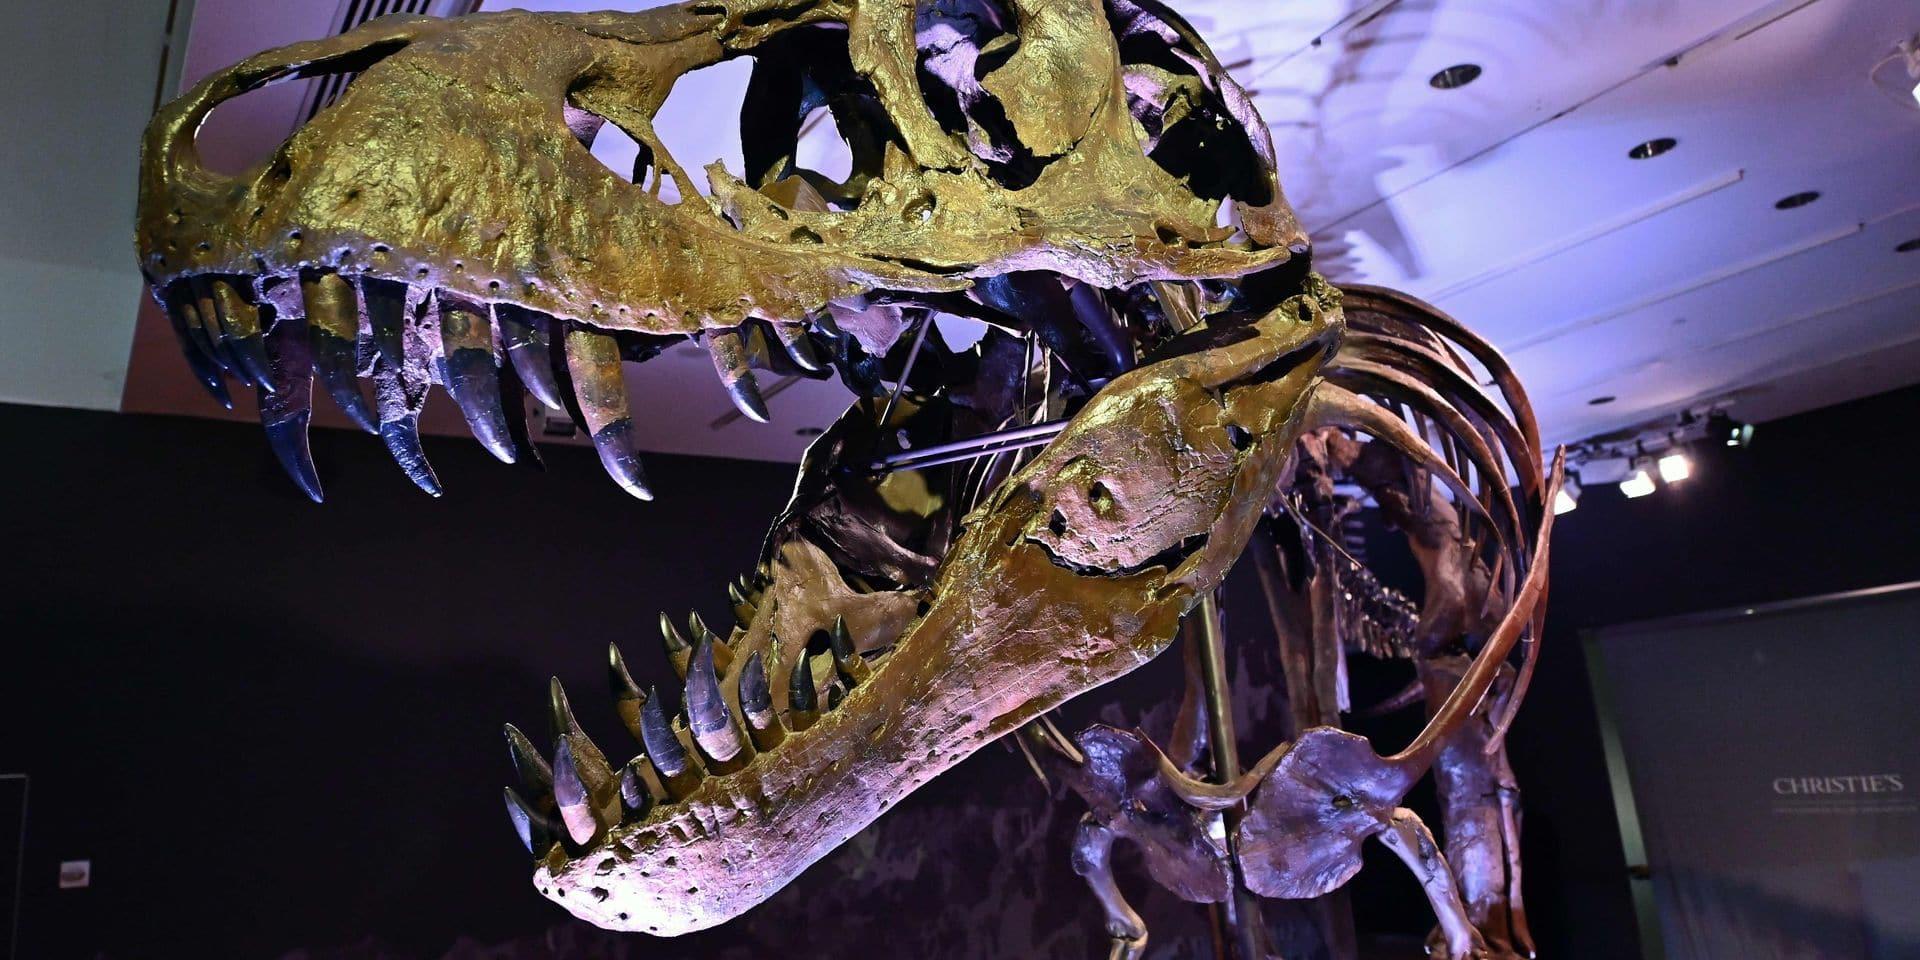 Suivre les Tyrannosaurus rex ? Les humains auraient pu le faire, sans transpirer